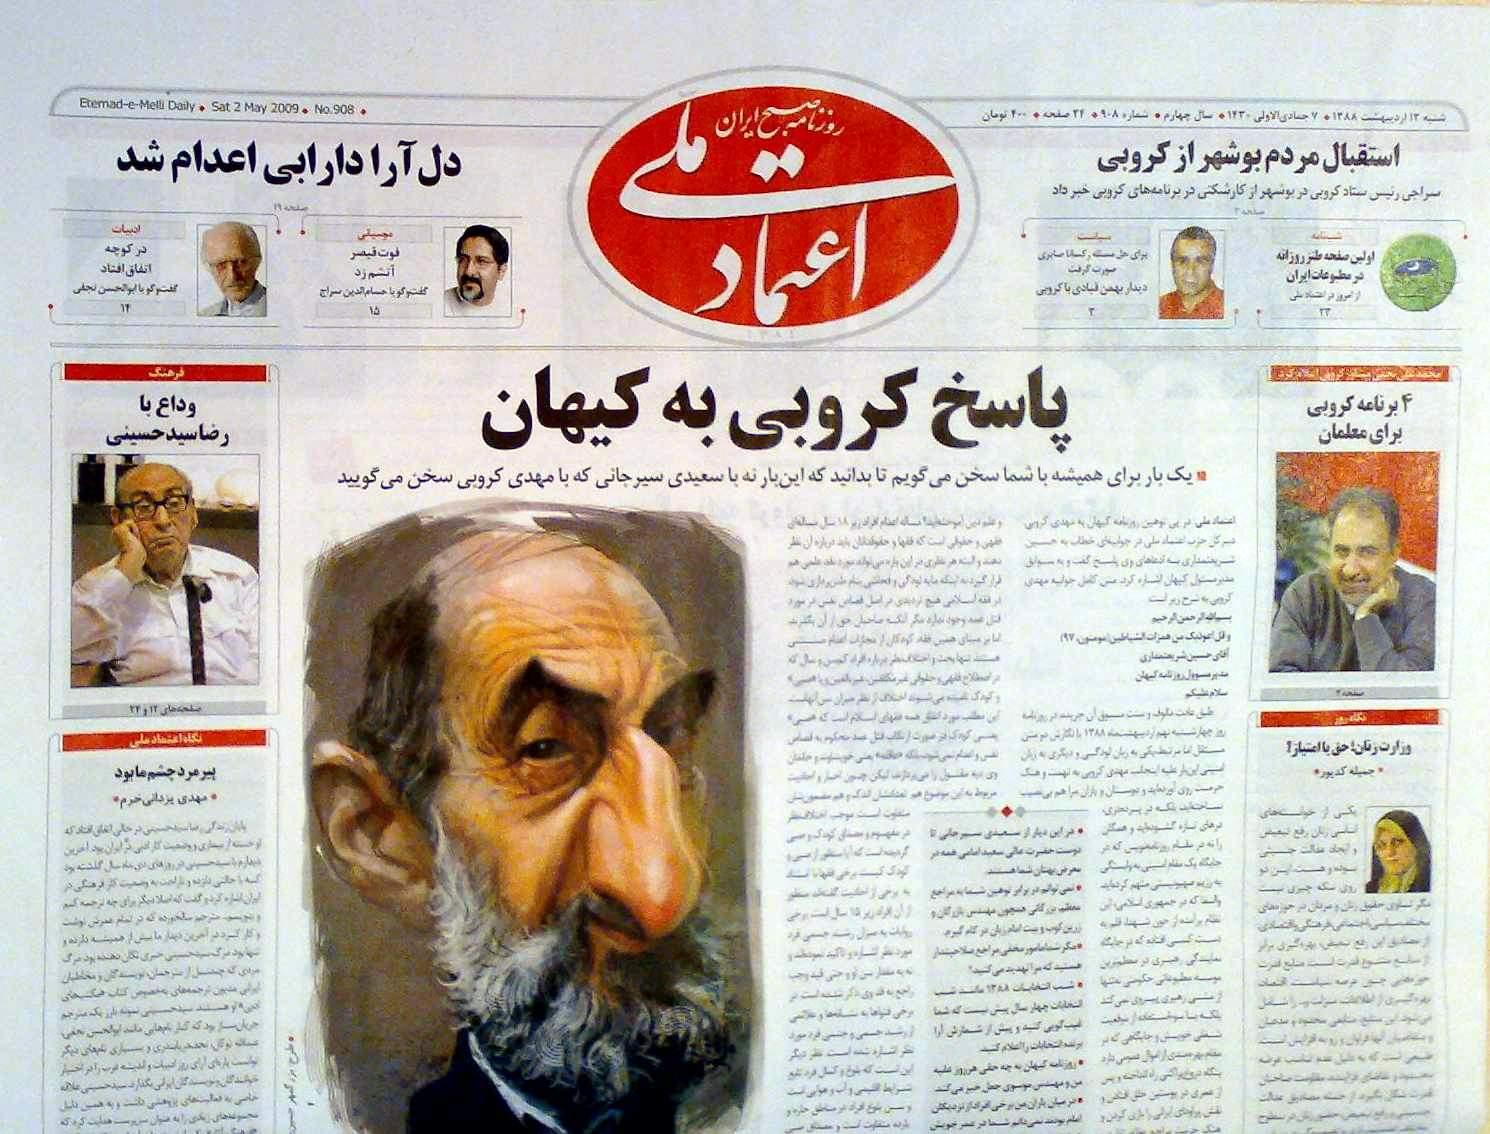 اخبار روزنامه های امروز ایران – دانلود رایگان